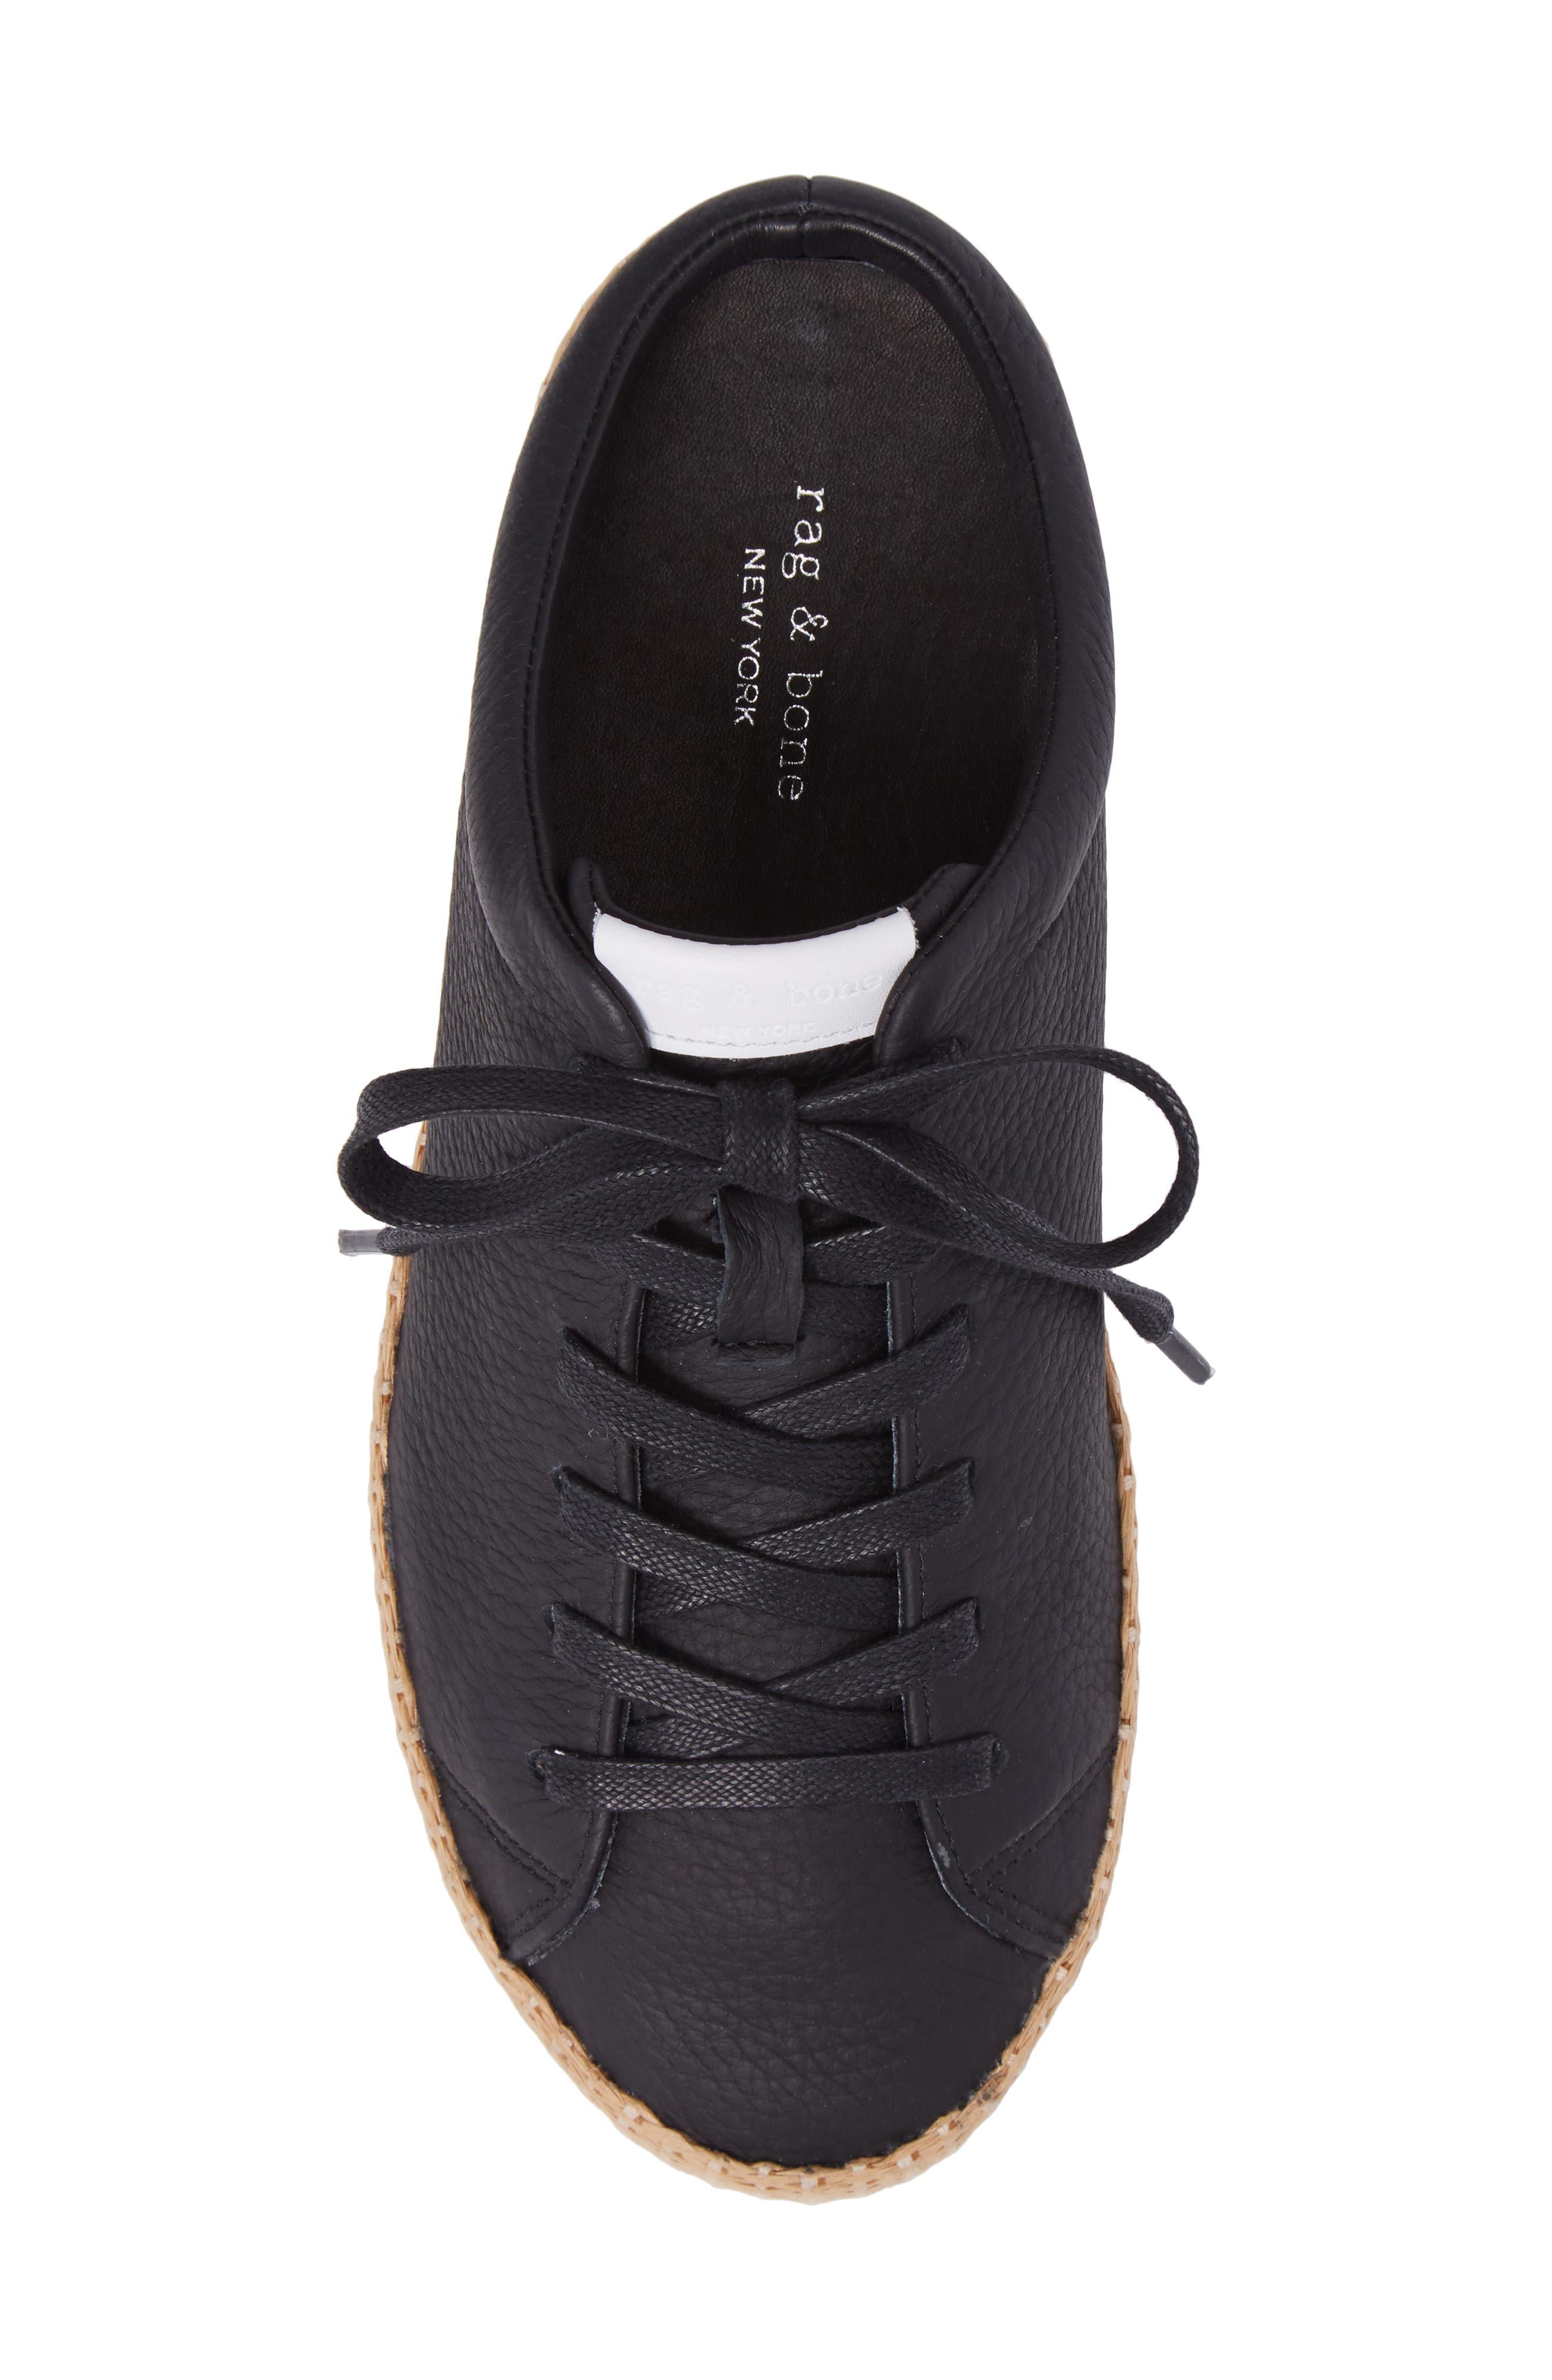 RB1 Slip-On Sneaker,                             Alternate thumbnail 5, color,                             001